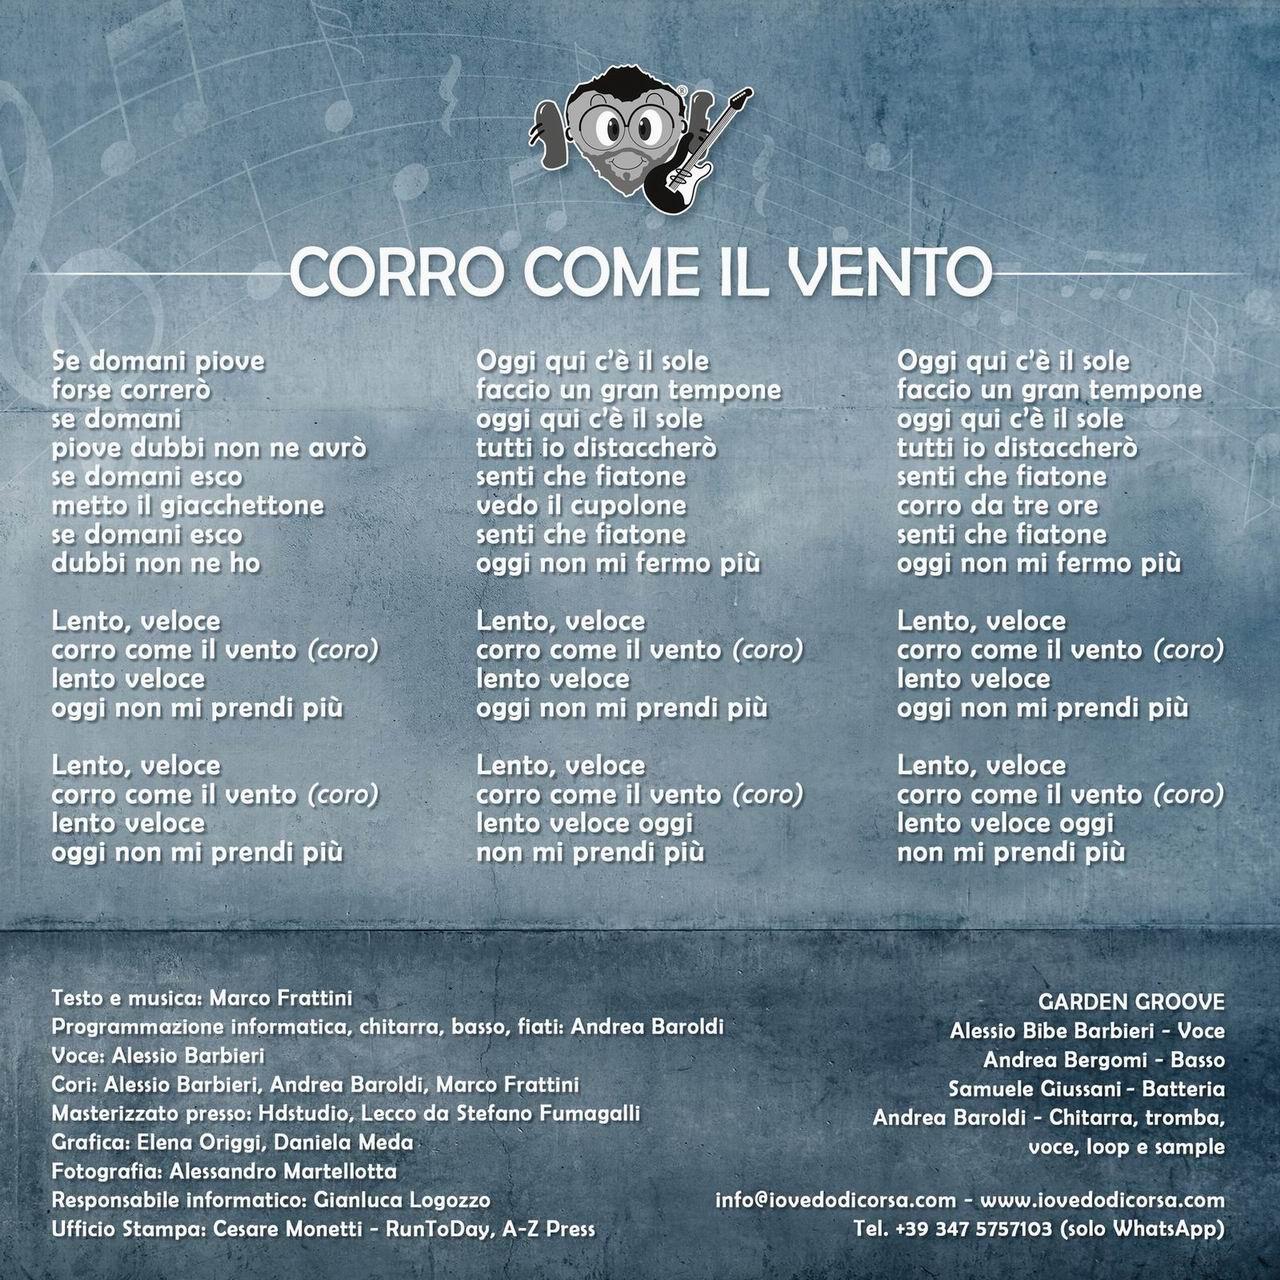 """""""Corro come il vento"""" is the soundtrack of Ravenna Music Race"""